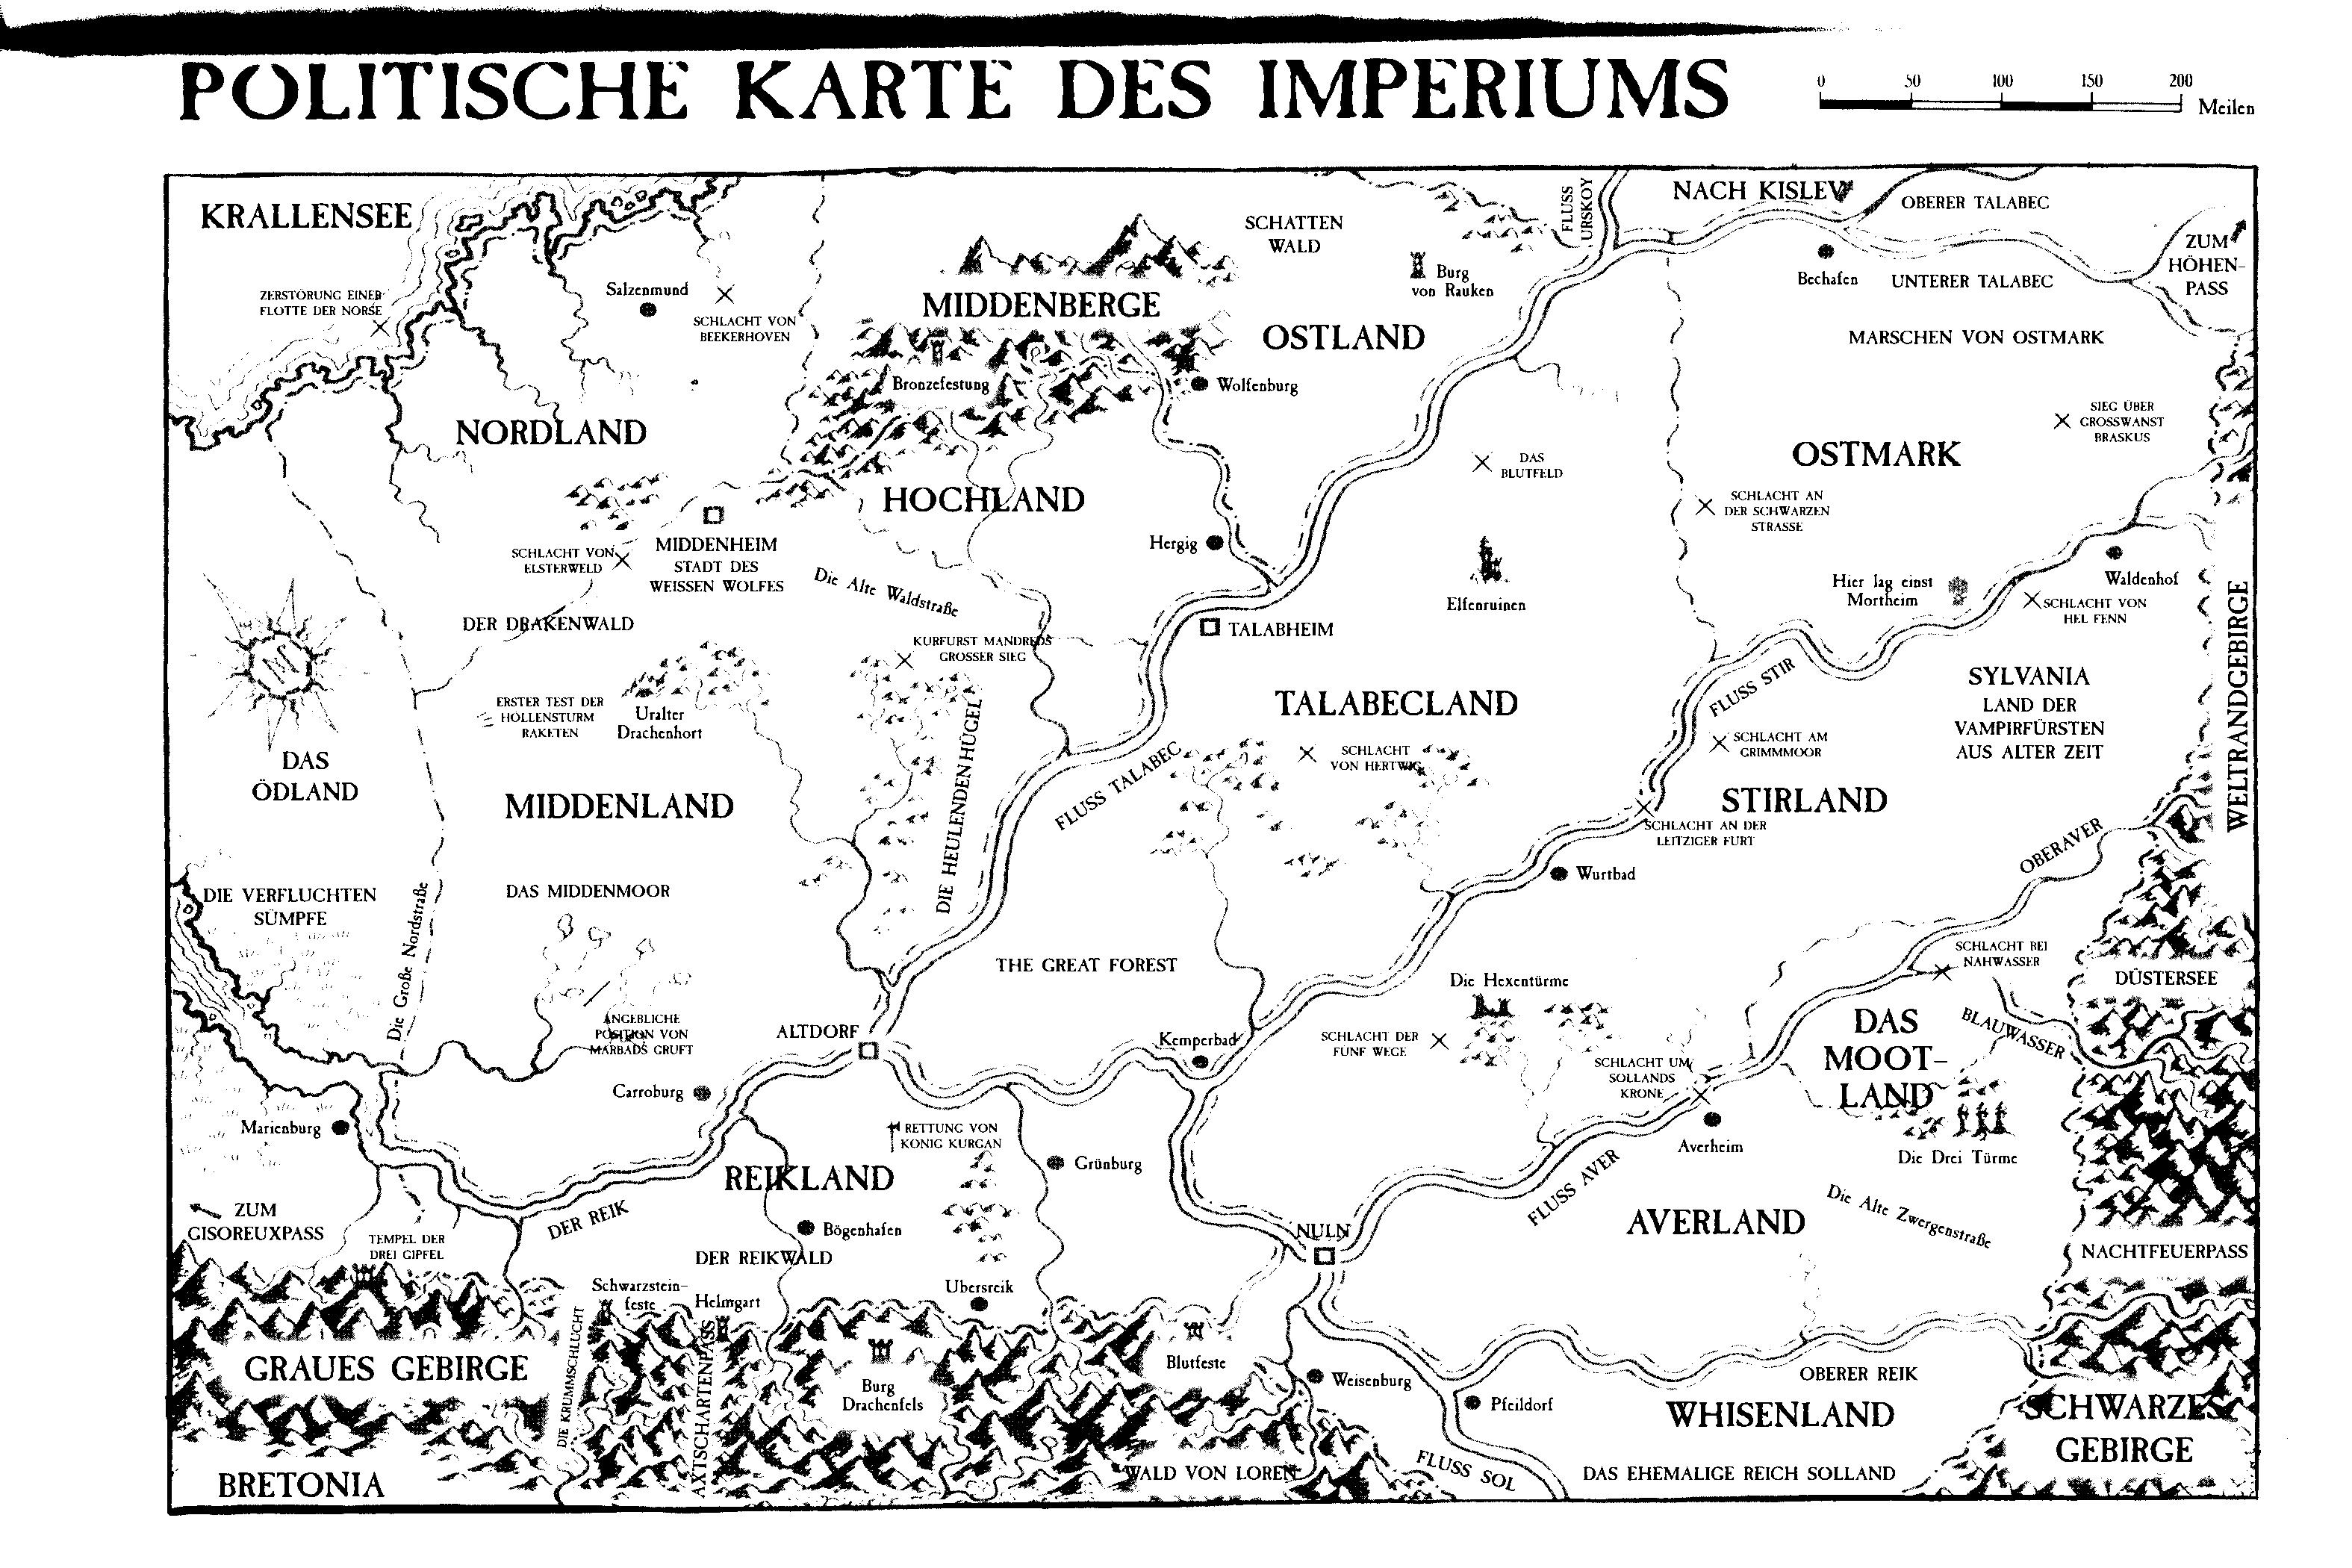 Politische_Karte_des_Imperiums